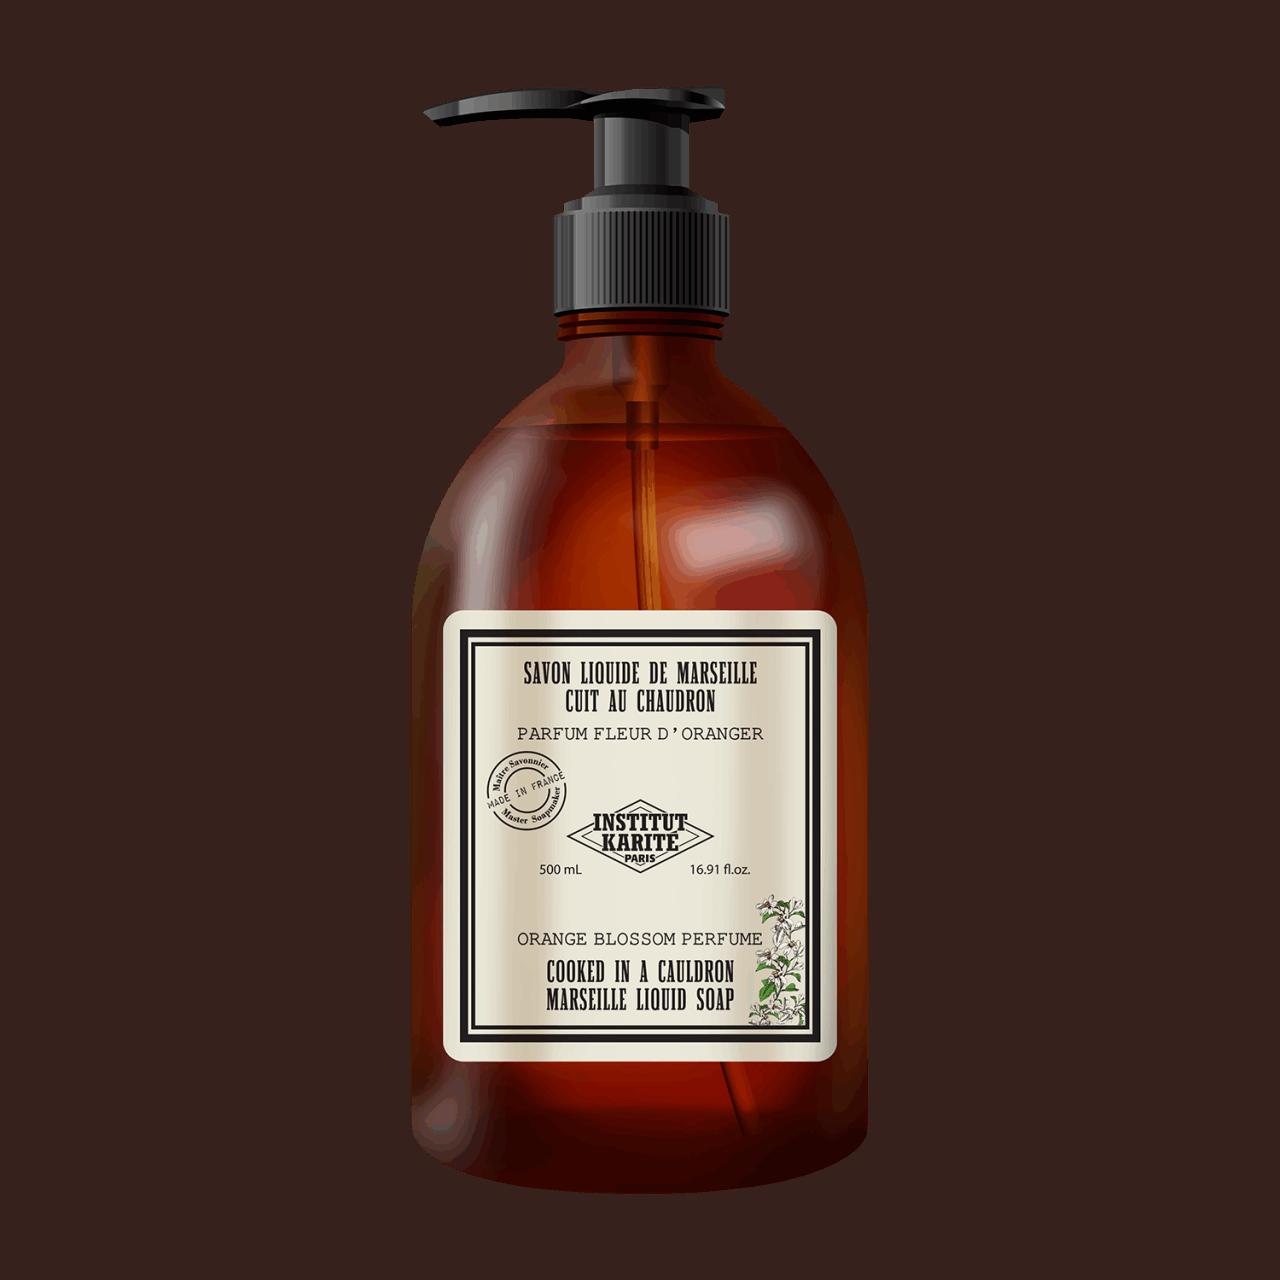 Vintage Marseille Liquid Soap - Orange Blossom 500ml